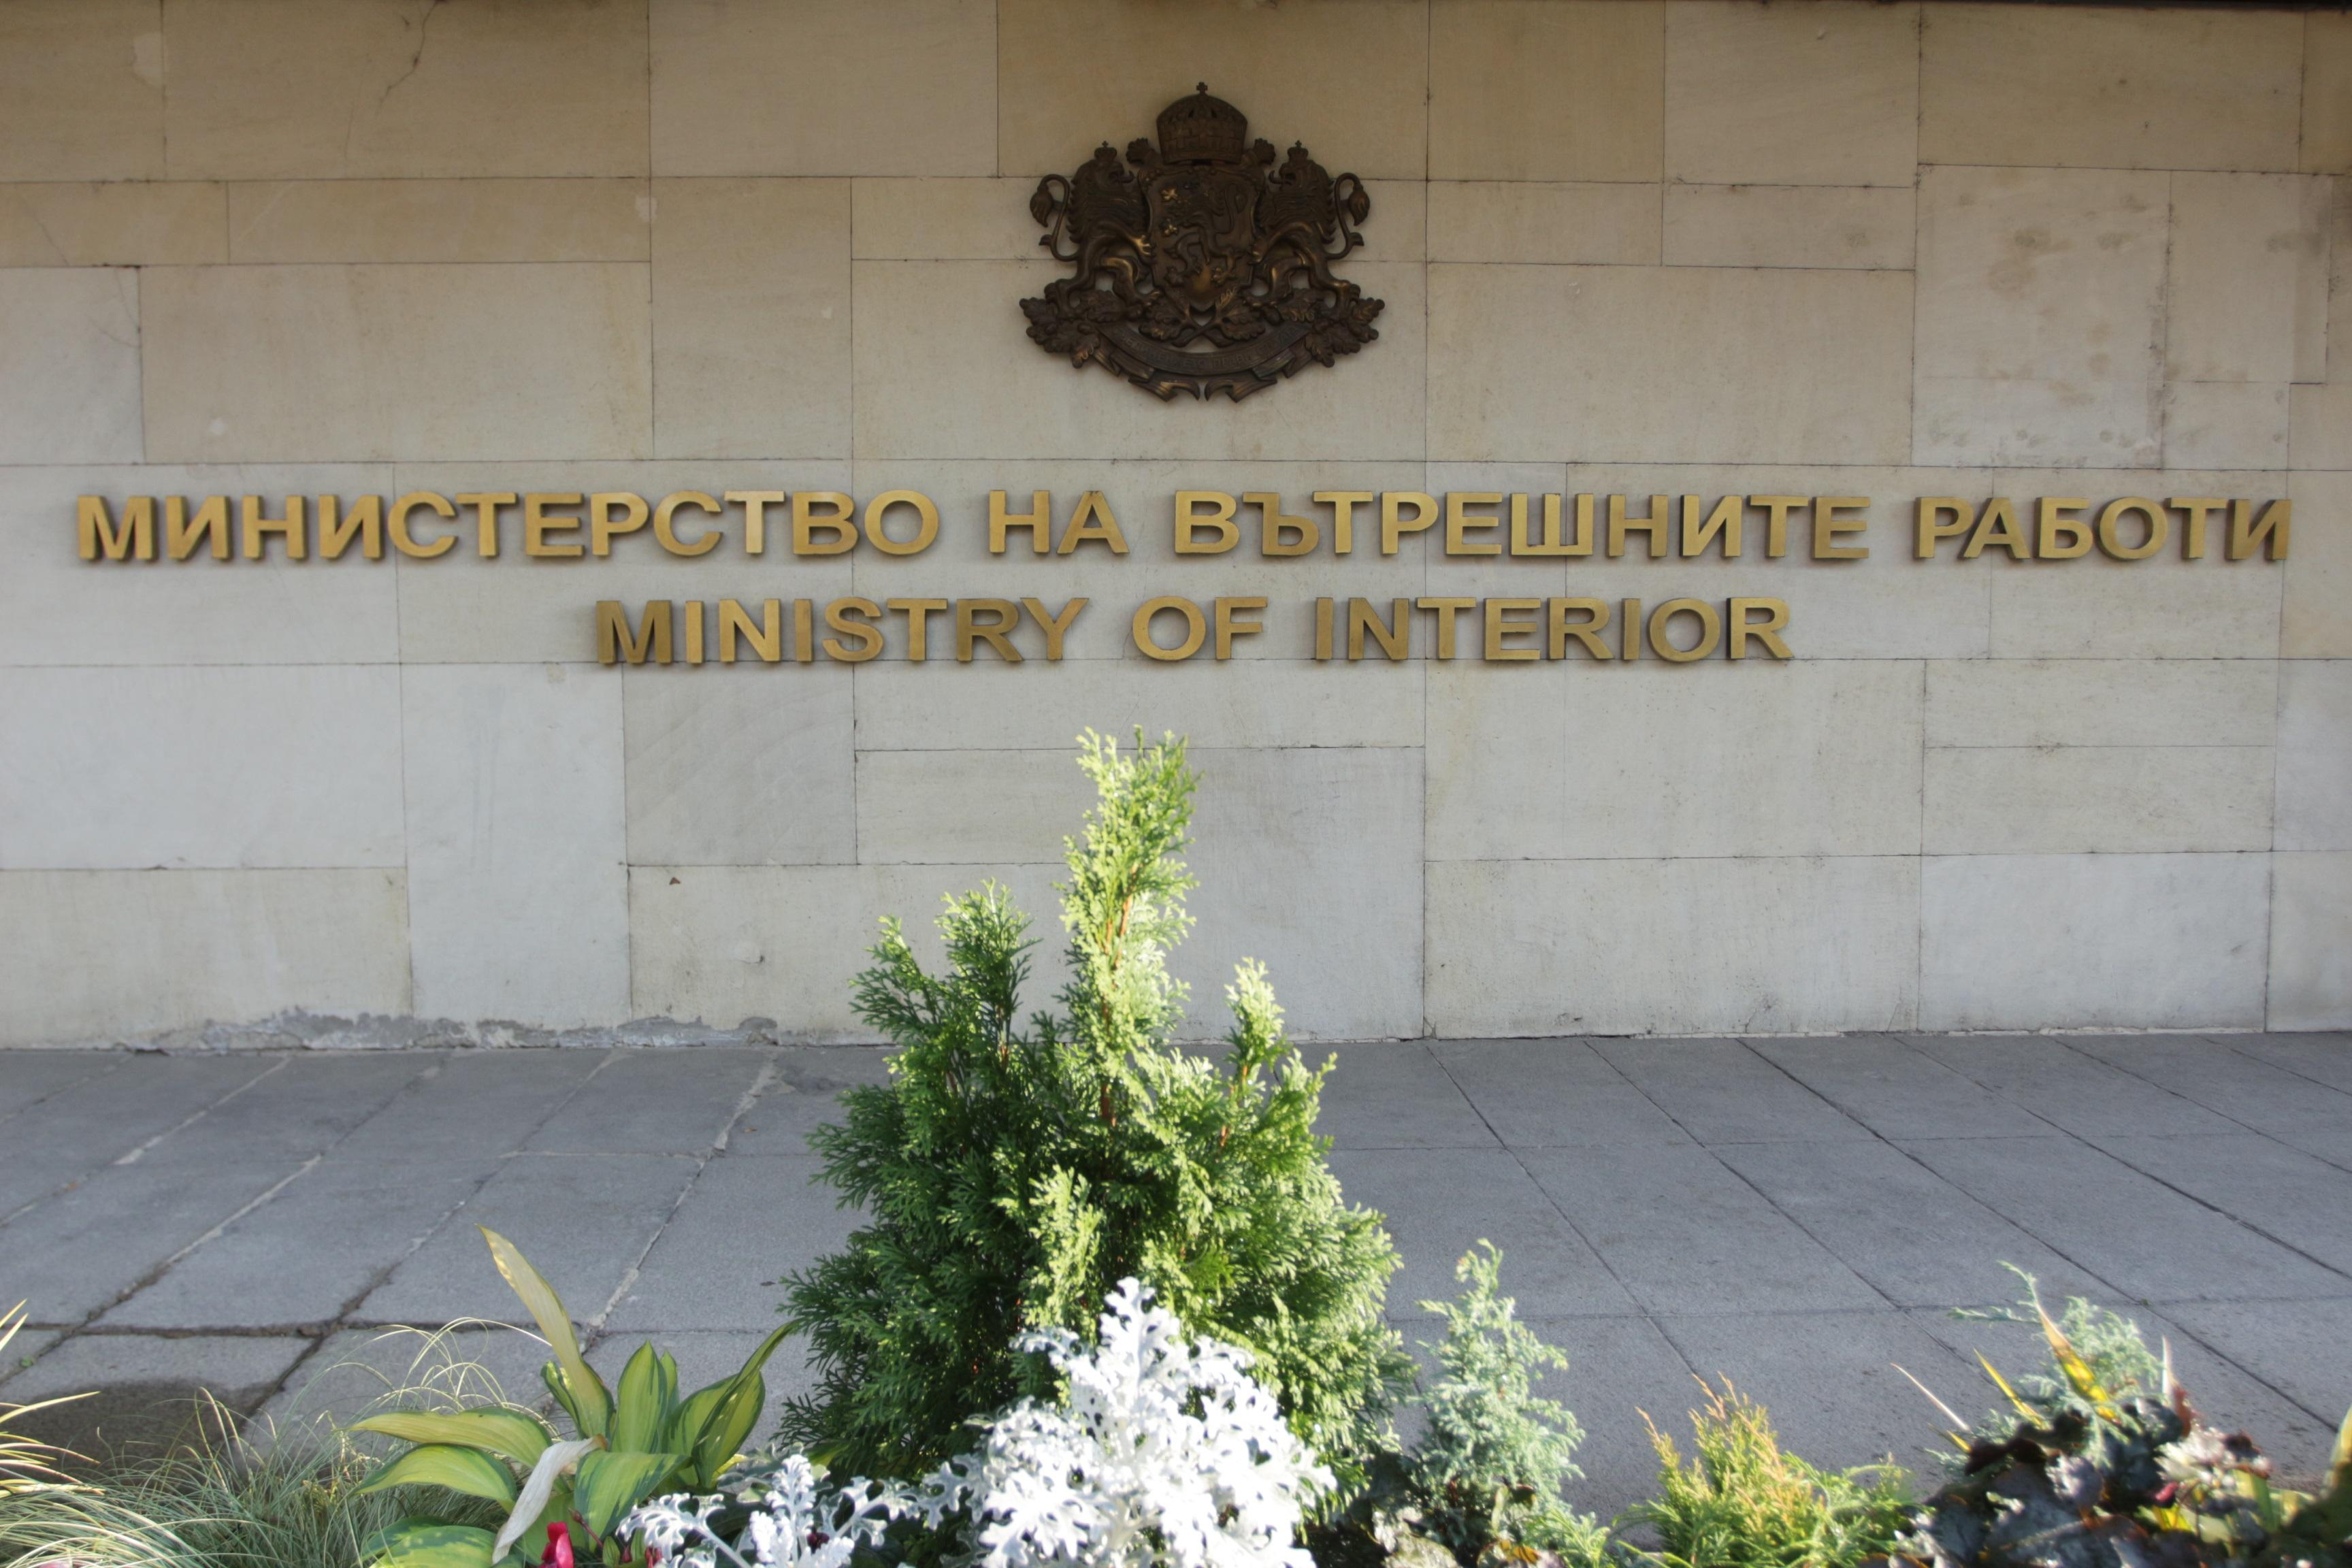 За 75 лв. се подменя експресно шофьорска книжка в София и София област